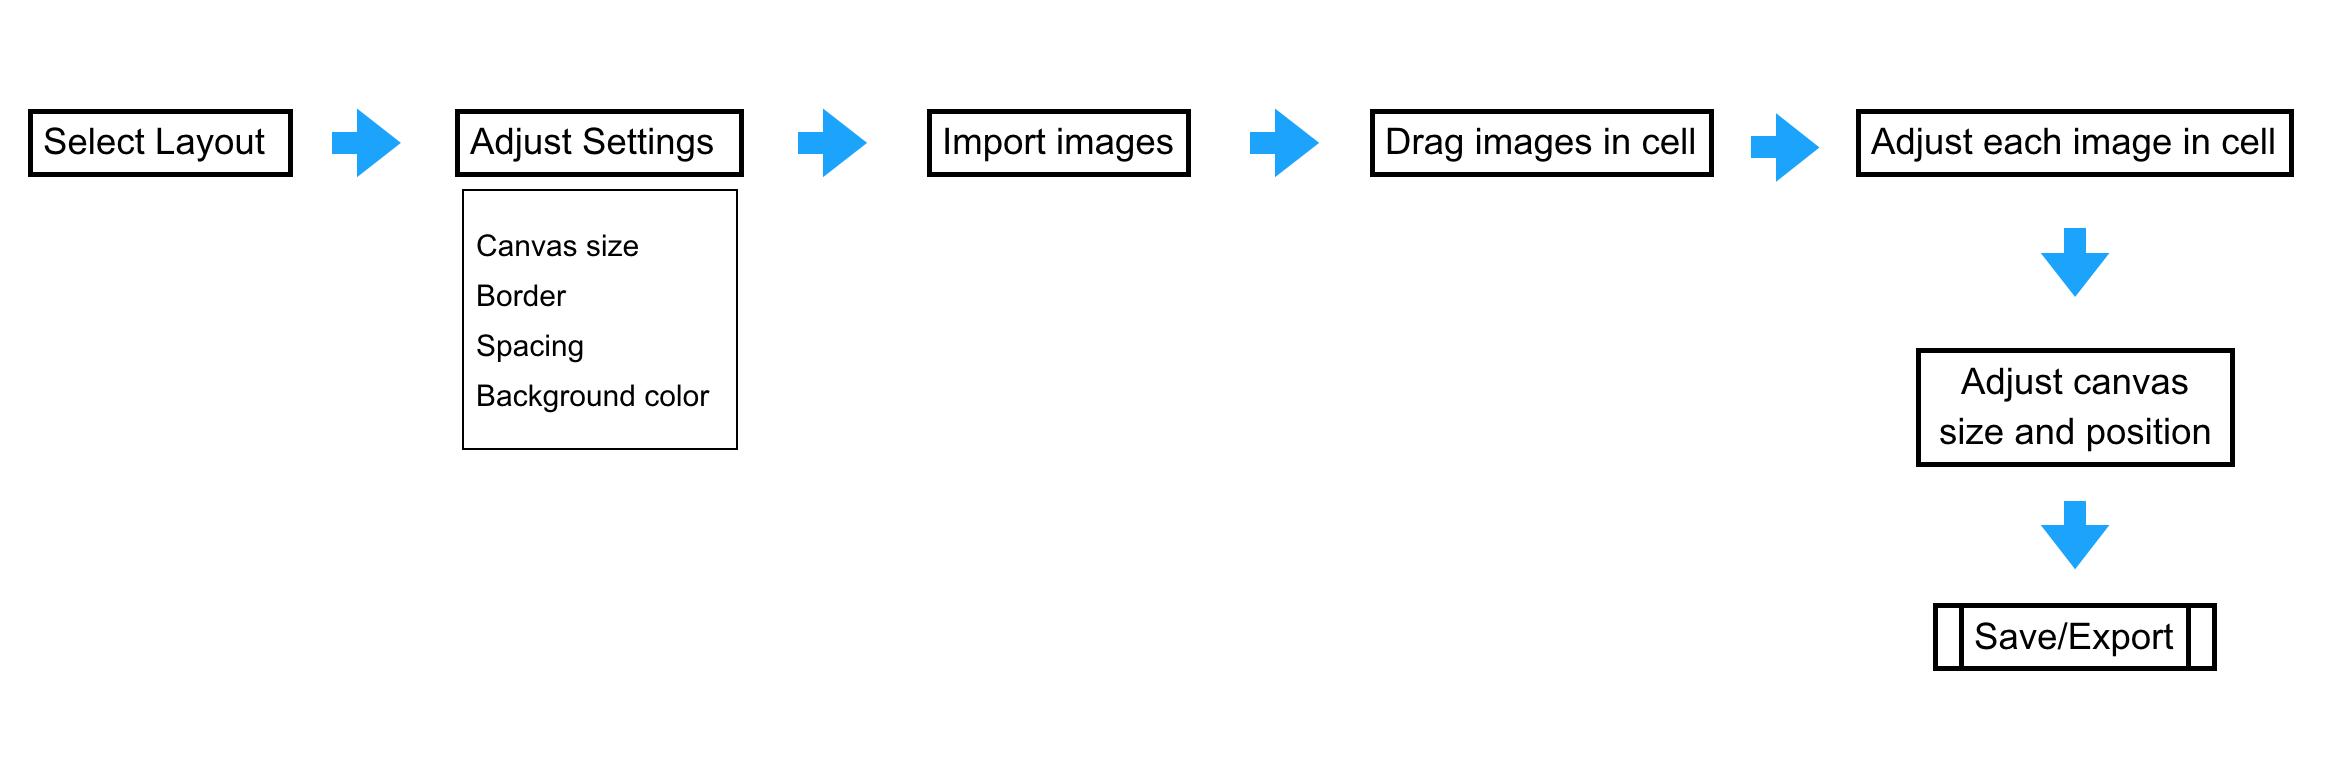 UserFlow_CollageMaker_Screenshot.png